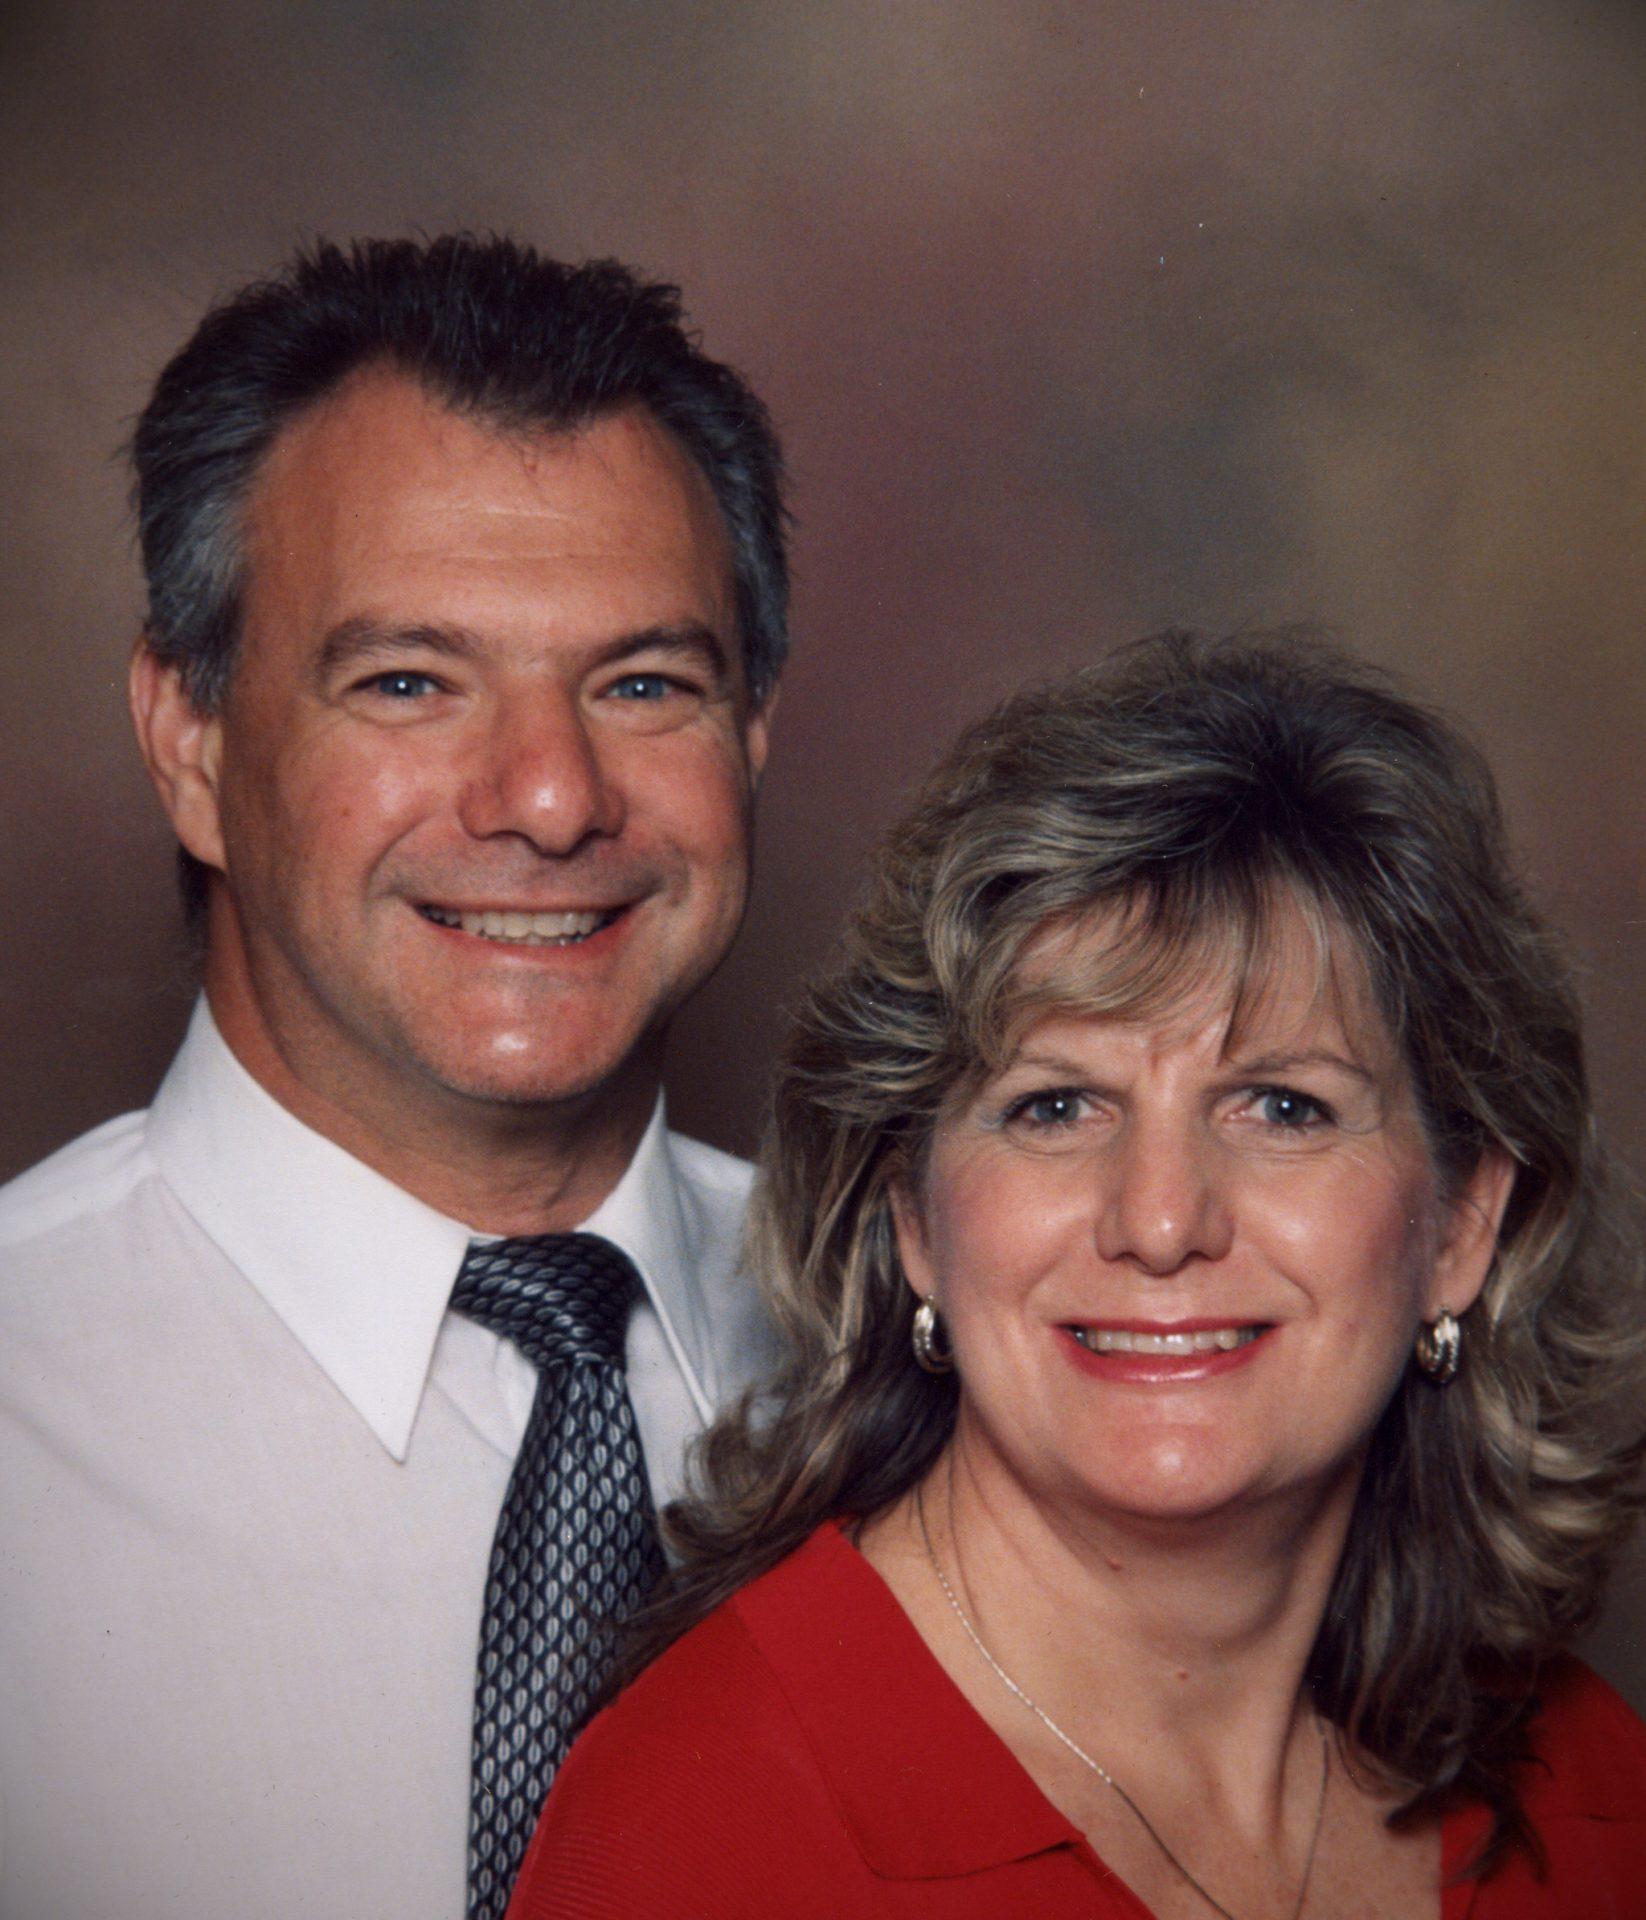 Kris and Inge